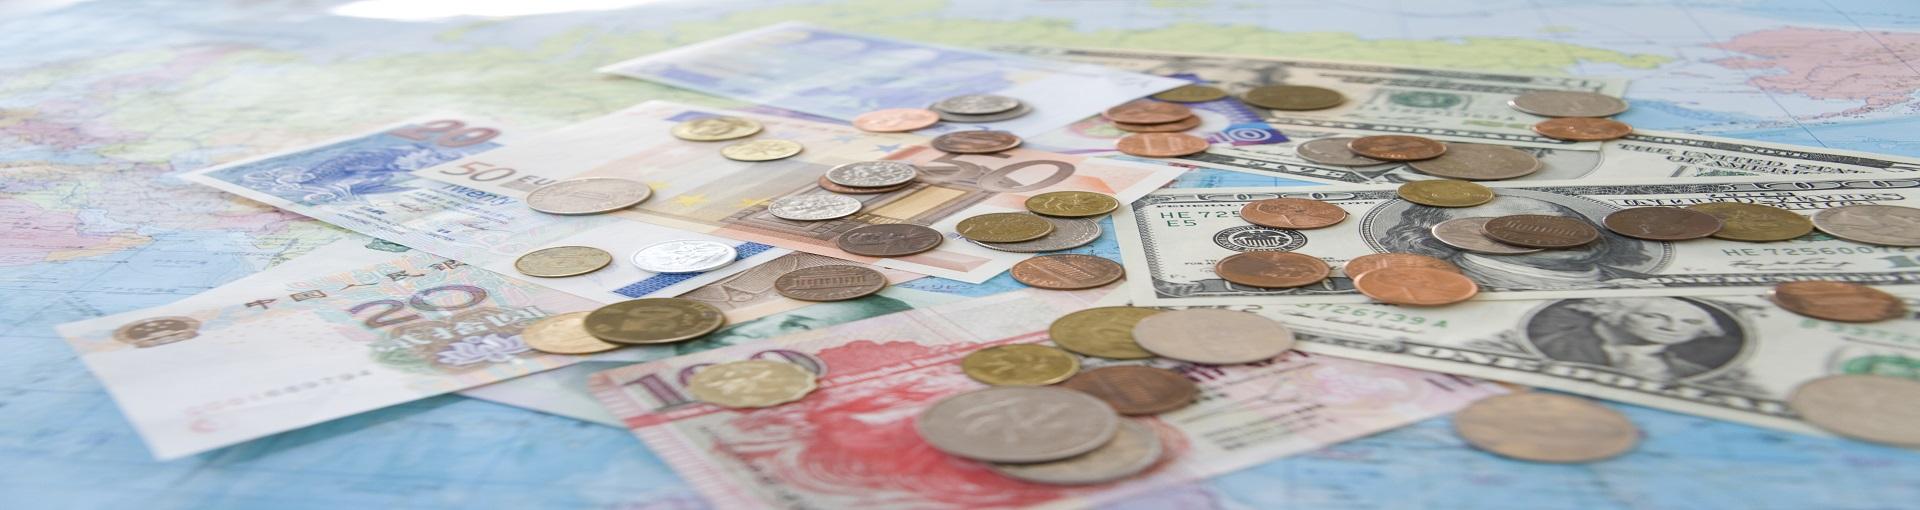 Sa vaxlar du pengar billigare